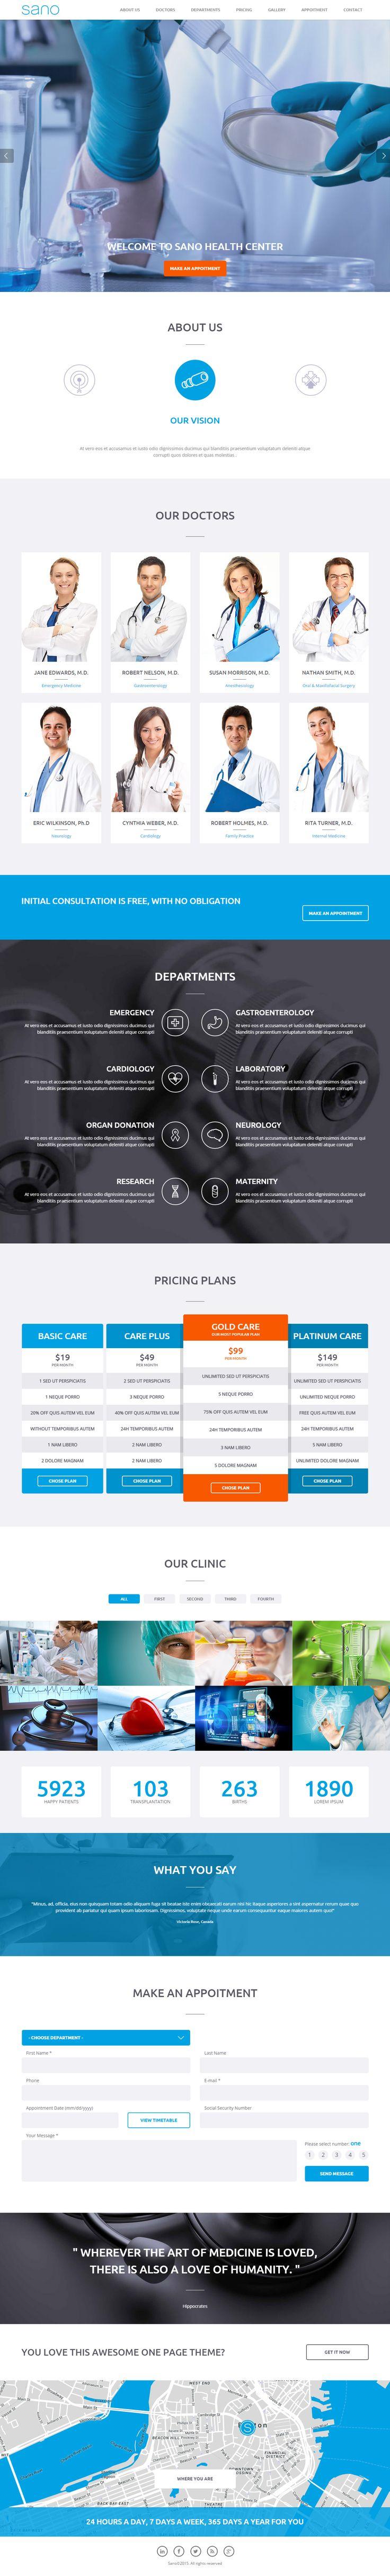 34 best attorney web design images on pinterest design web design